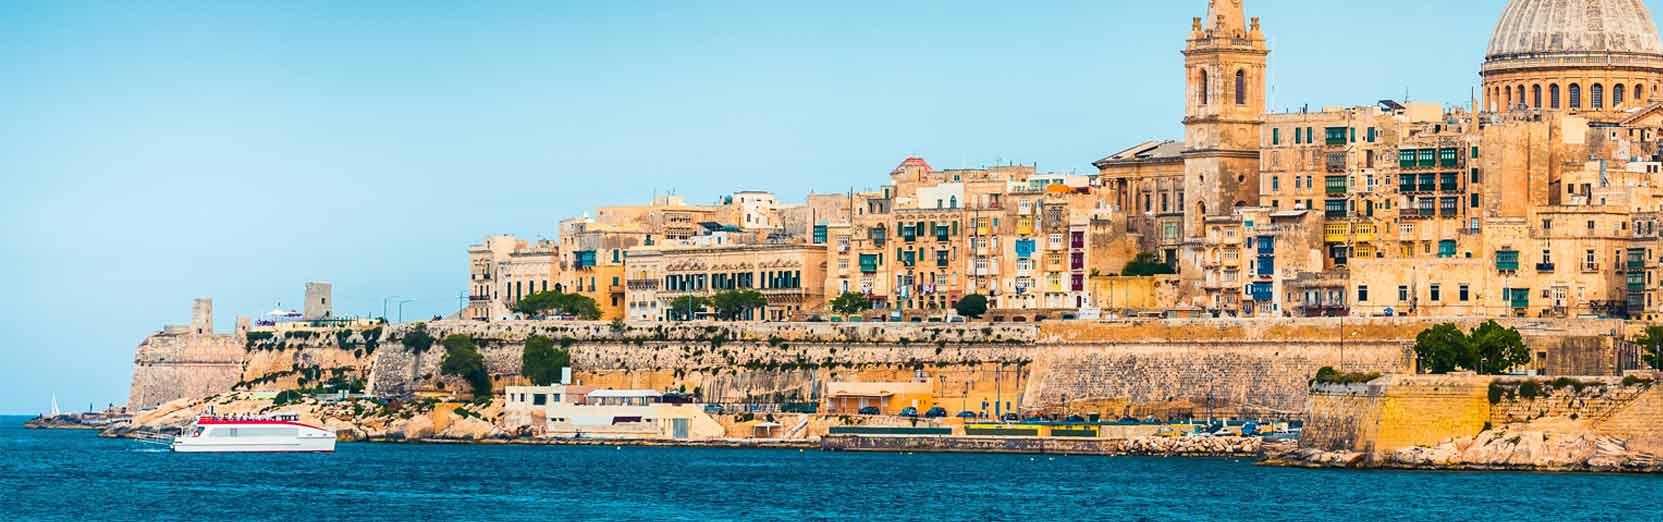 Auto mieten in Malta Intl. Flughafen